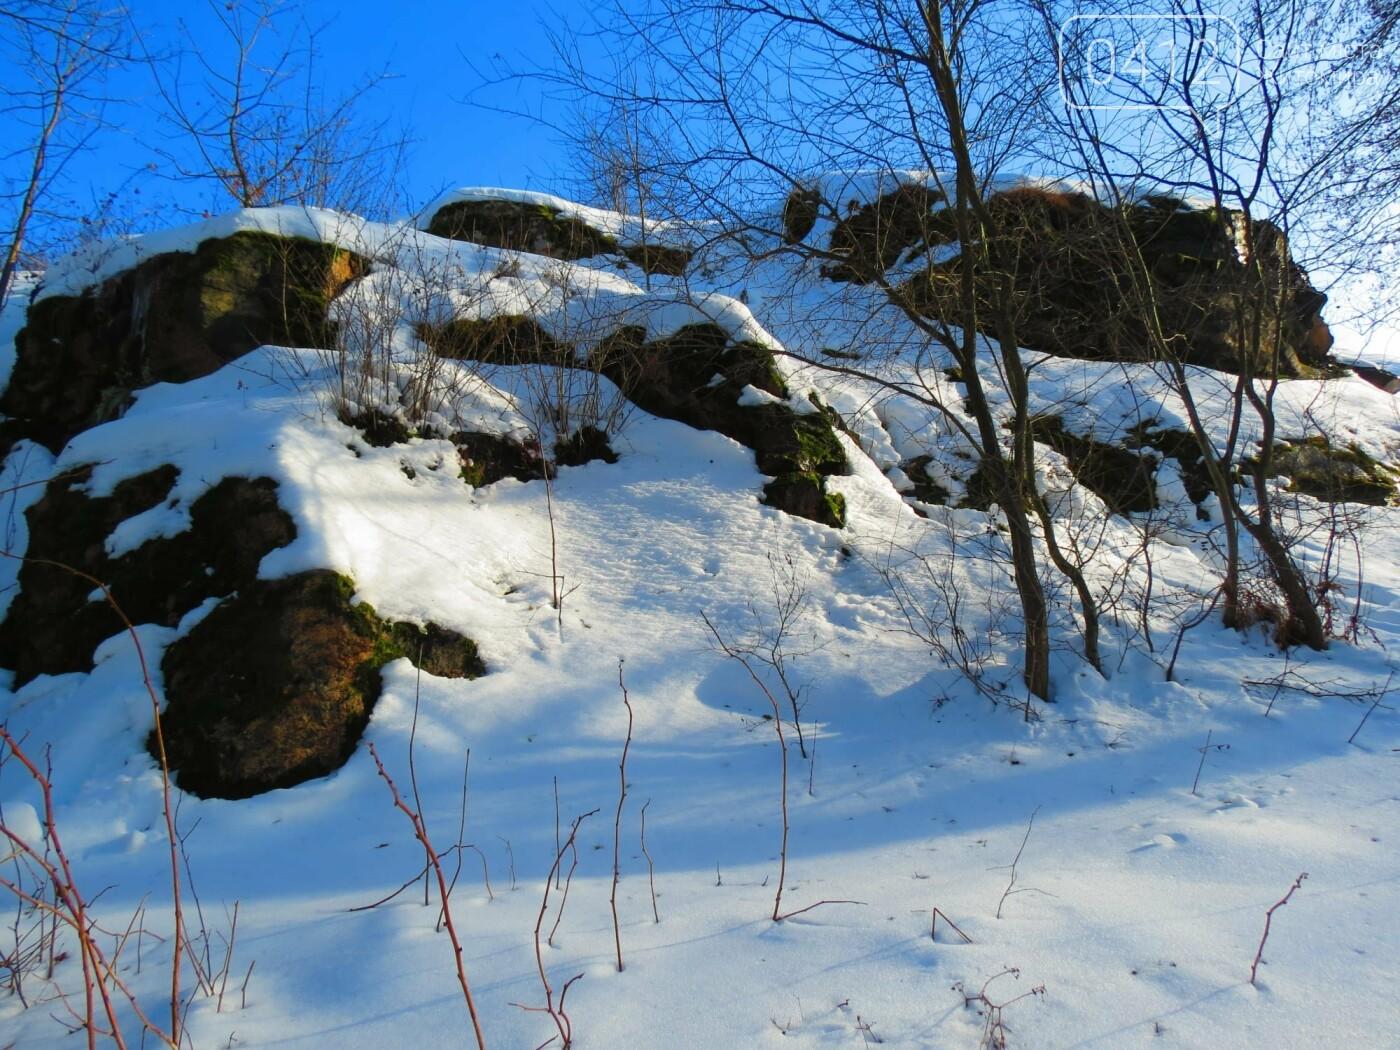 Між зимою та весною: неймовірної краси місцини в Житомирі. ФОТОРЕПОРТАЖ, фото-17